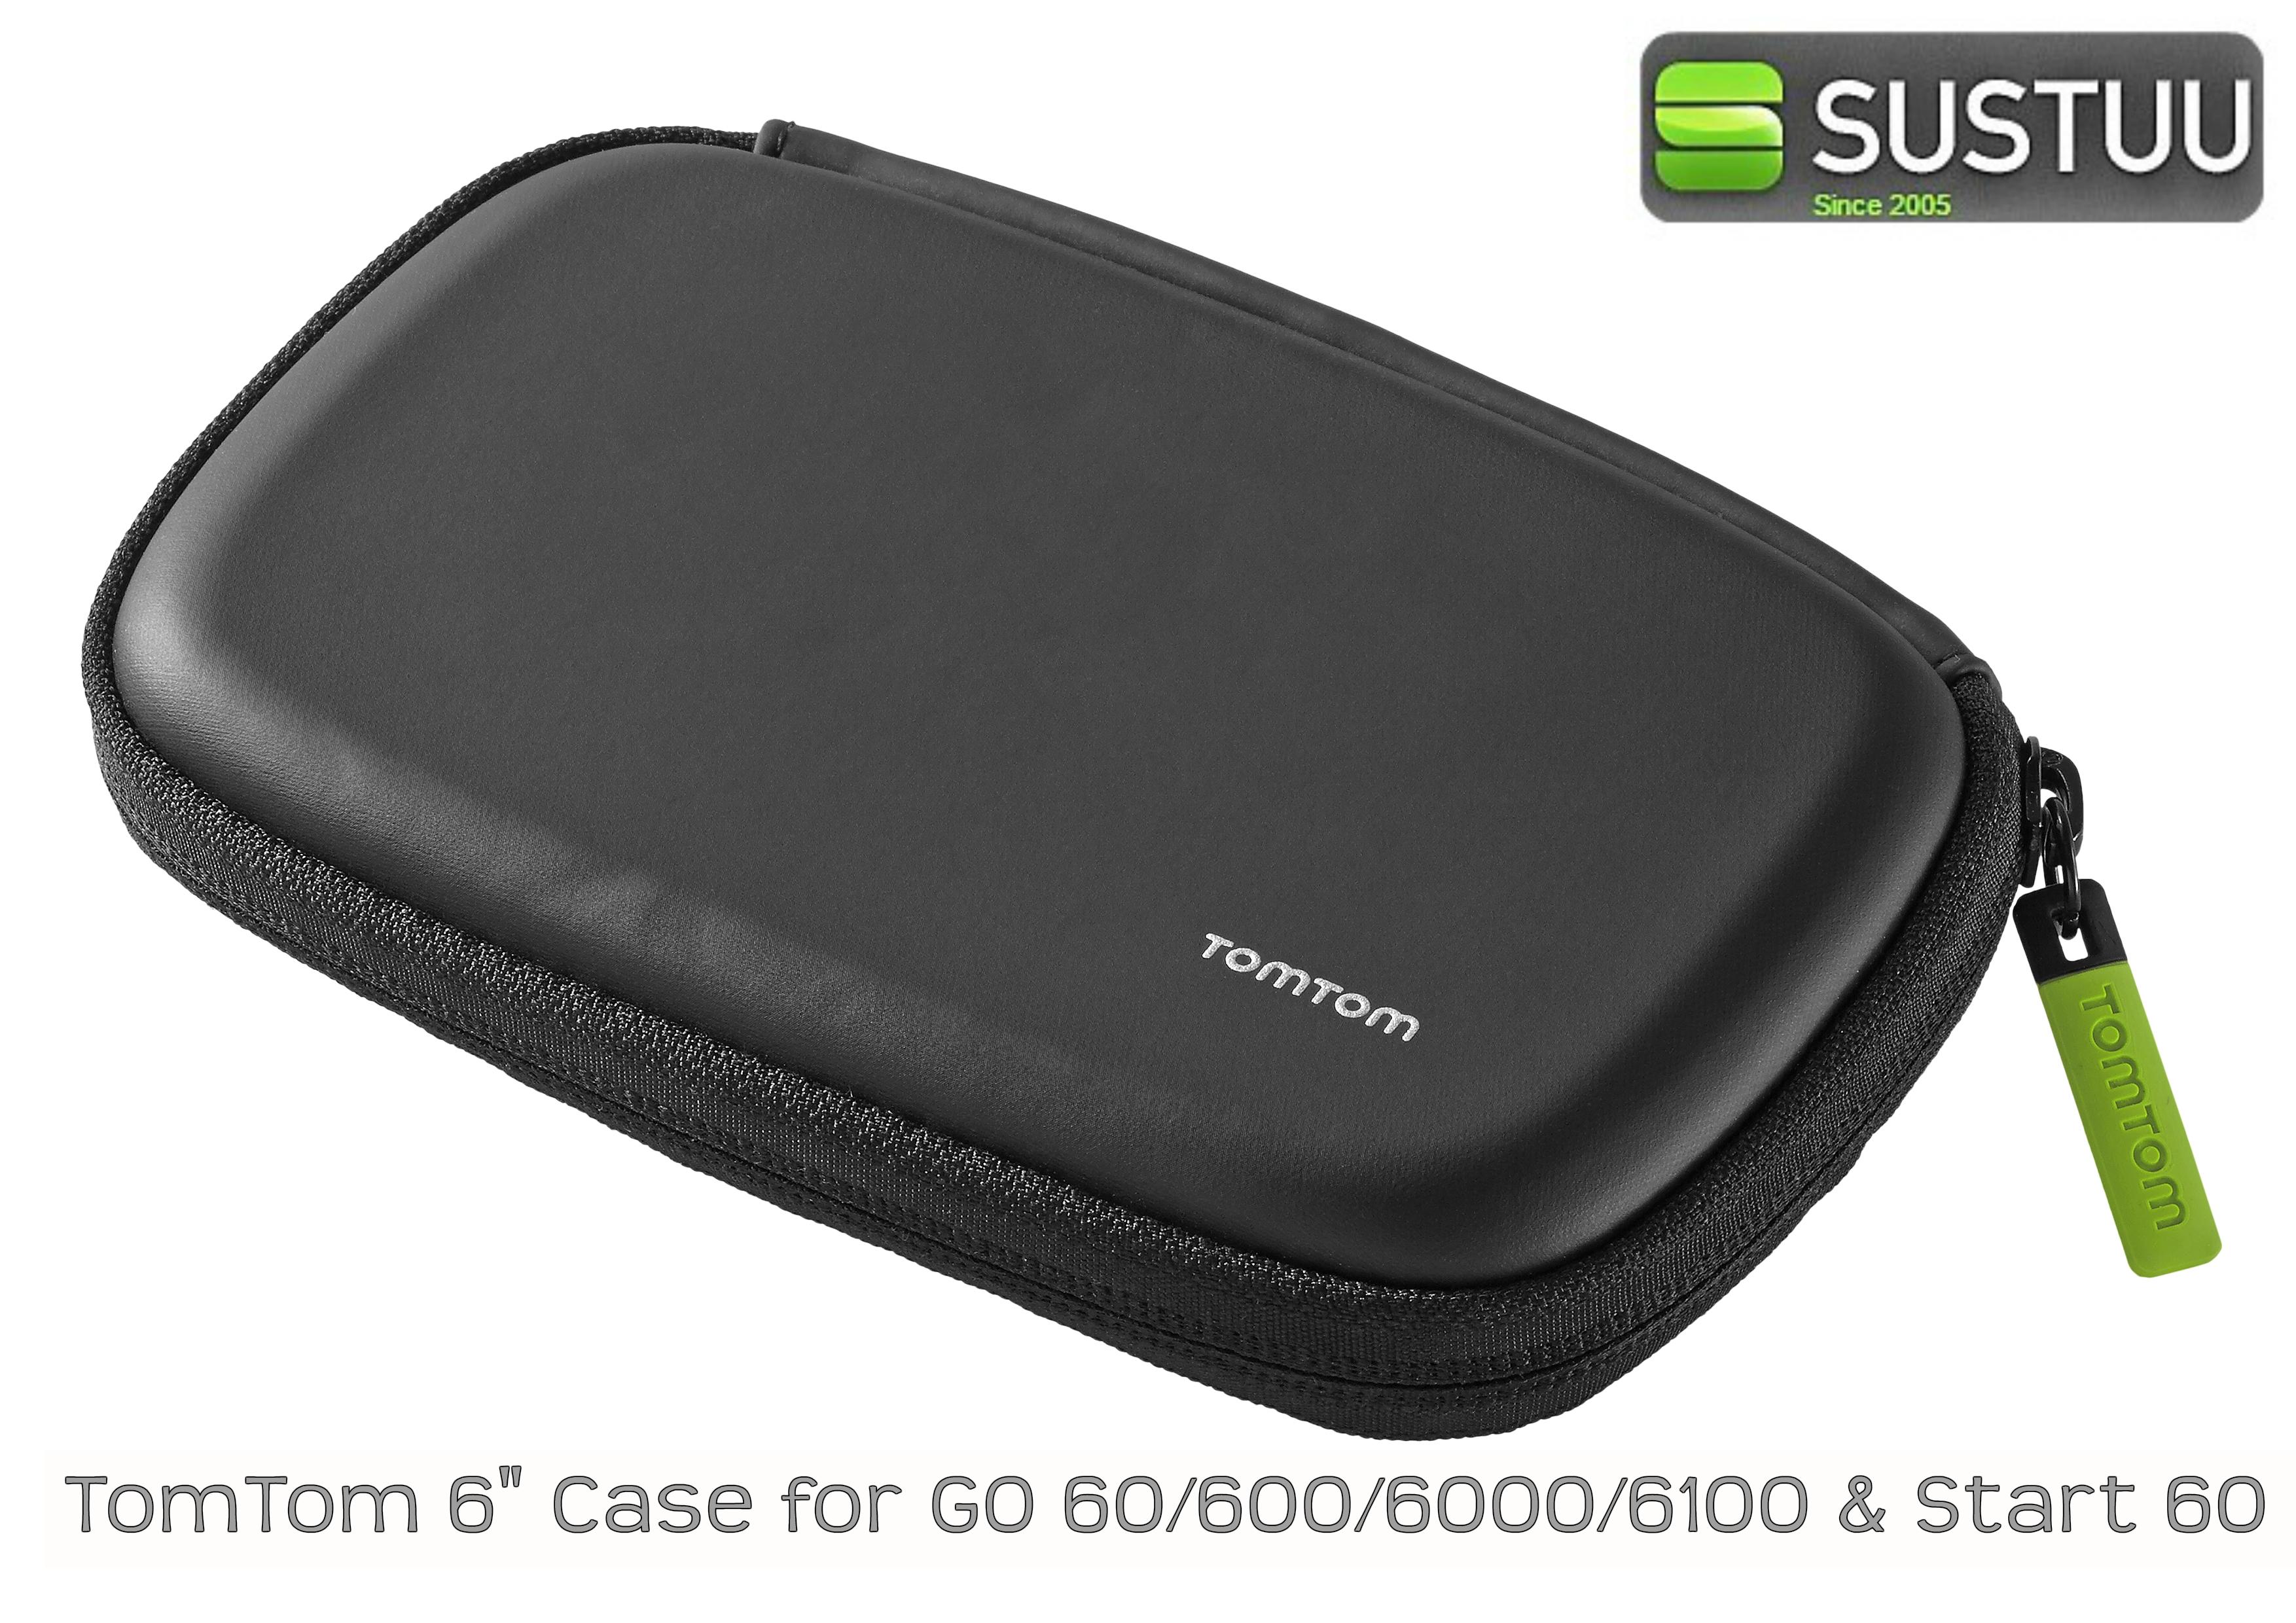 tomtom protective carry case 6 for go 60 600 6000 6100 start 60. Black Bedroom Furniture Sets. Home Design Ideas